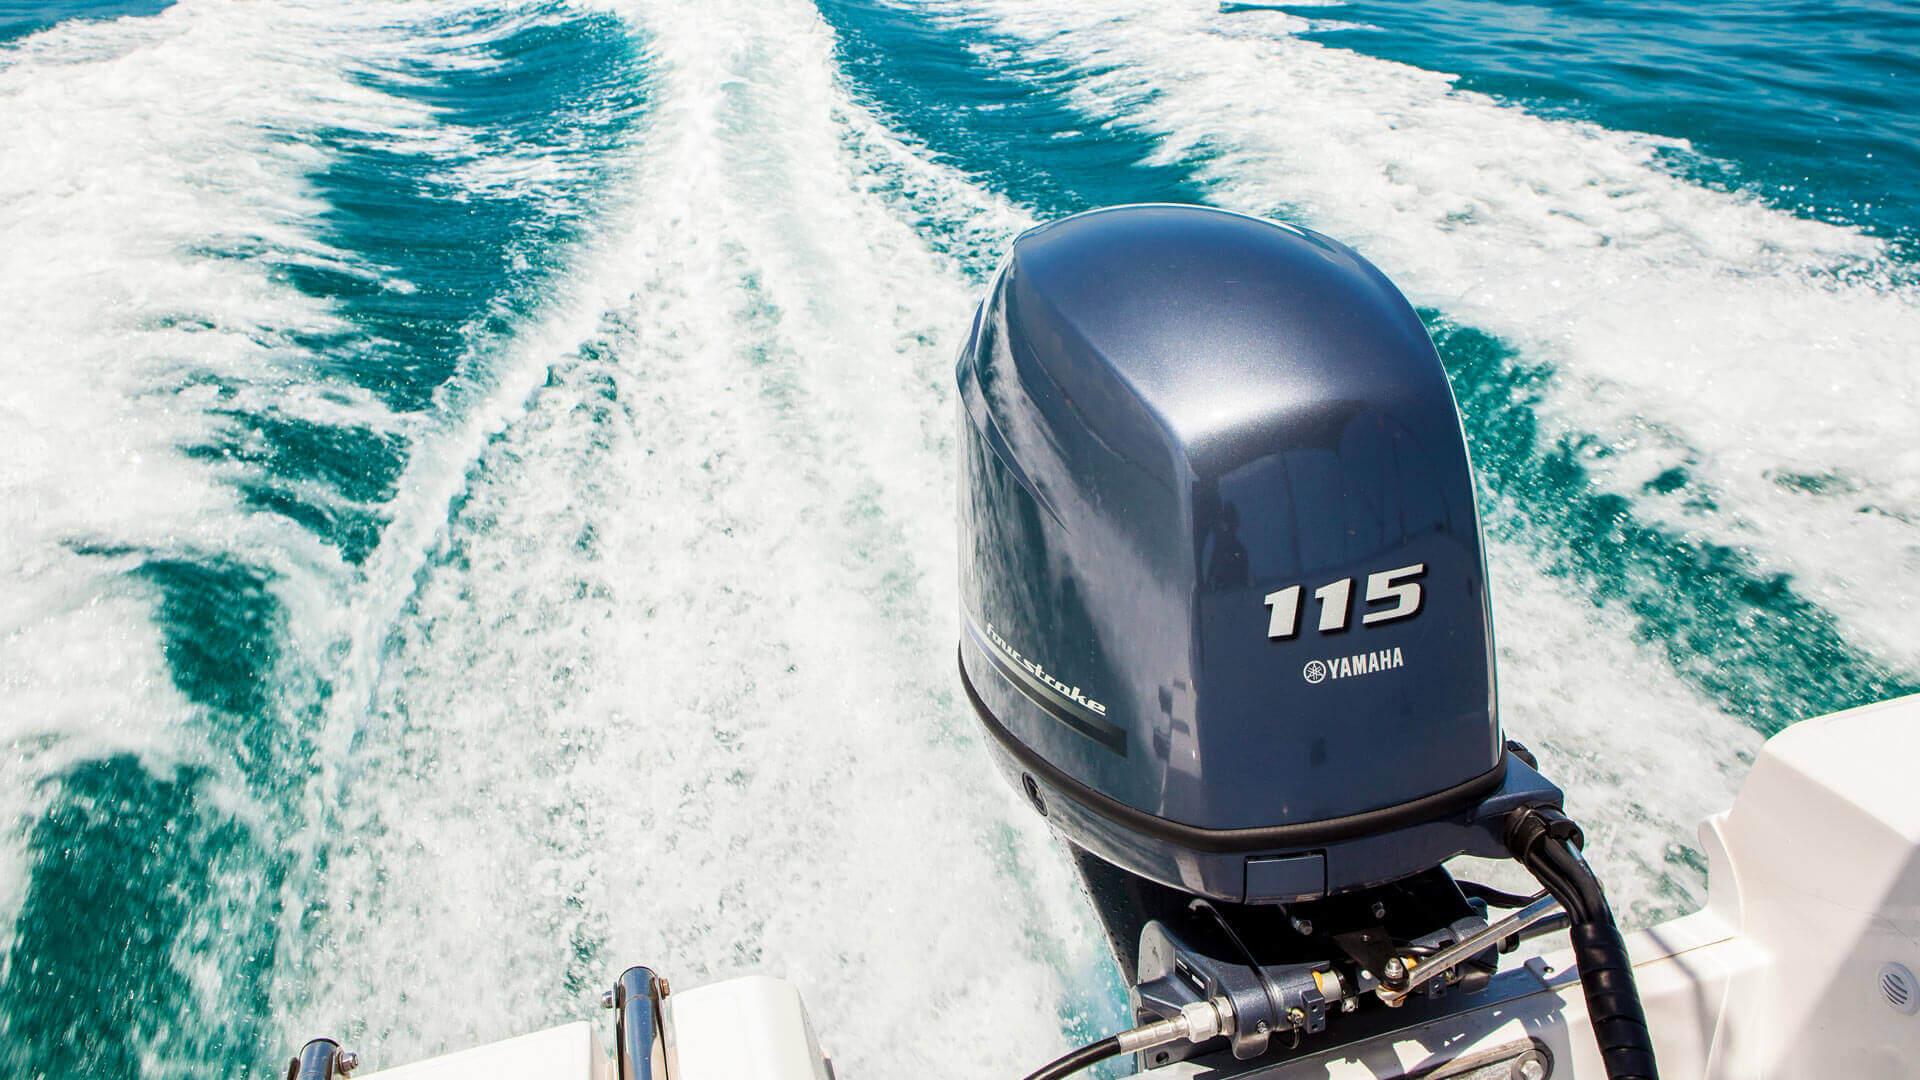 Image of a Yamaha boat motor on Hurricane Sundeck